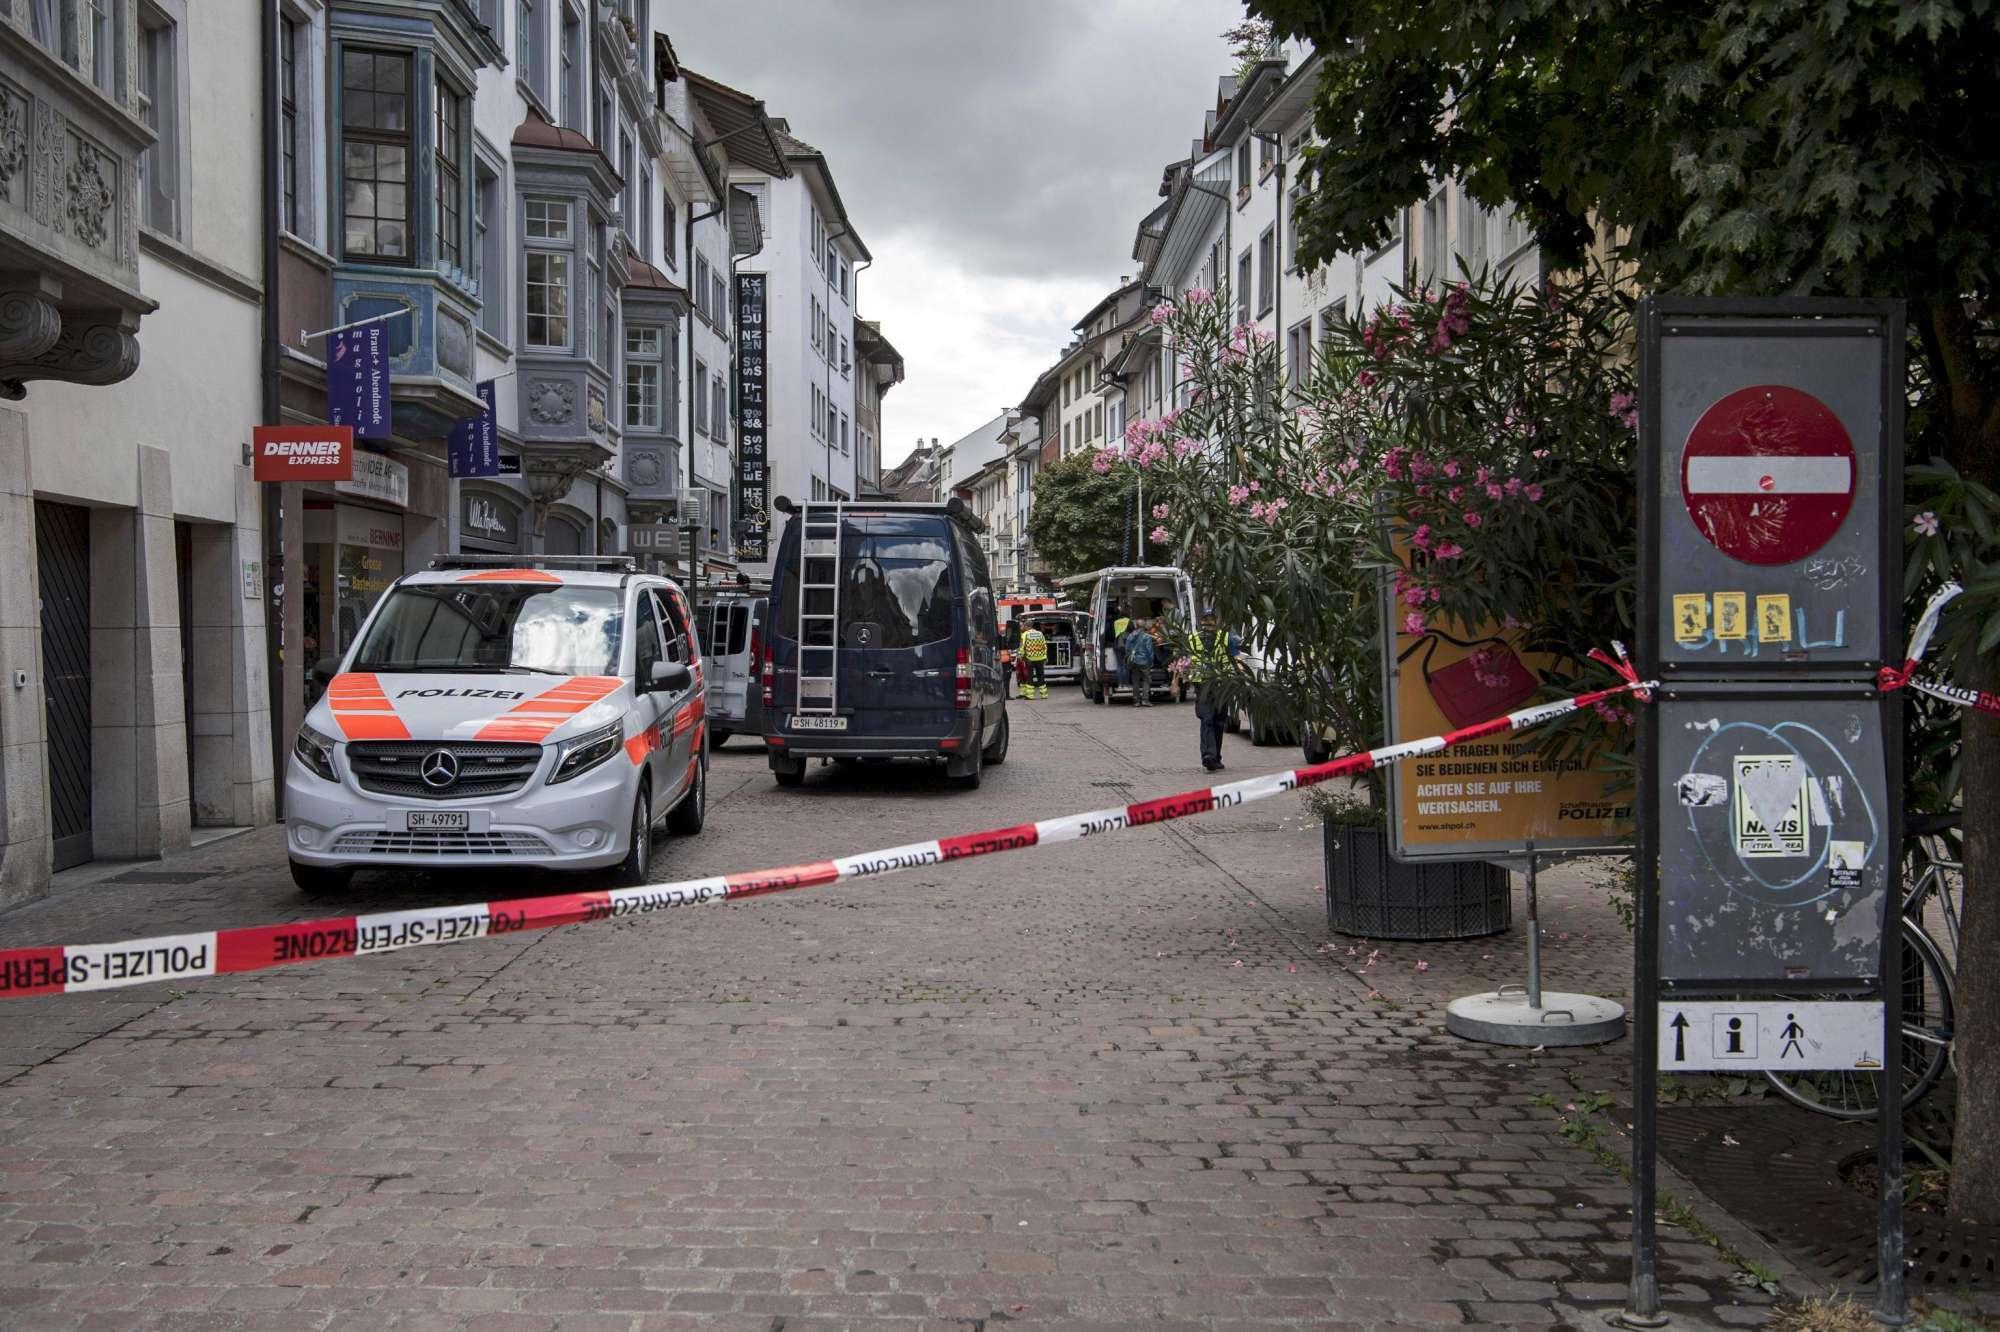 Uomo armato di motosega ferisce 5 persone in Svizzera